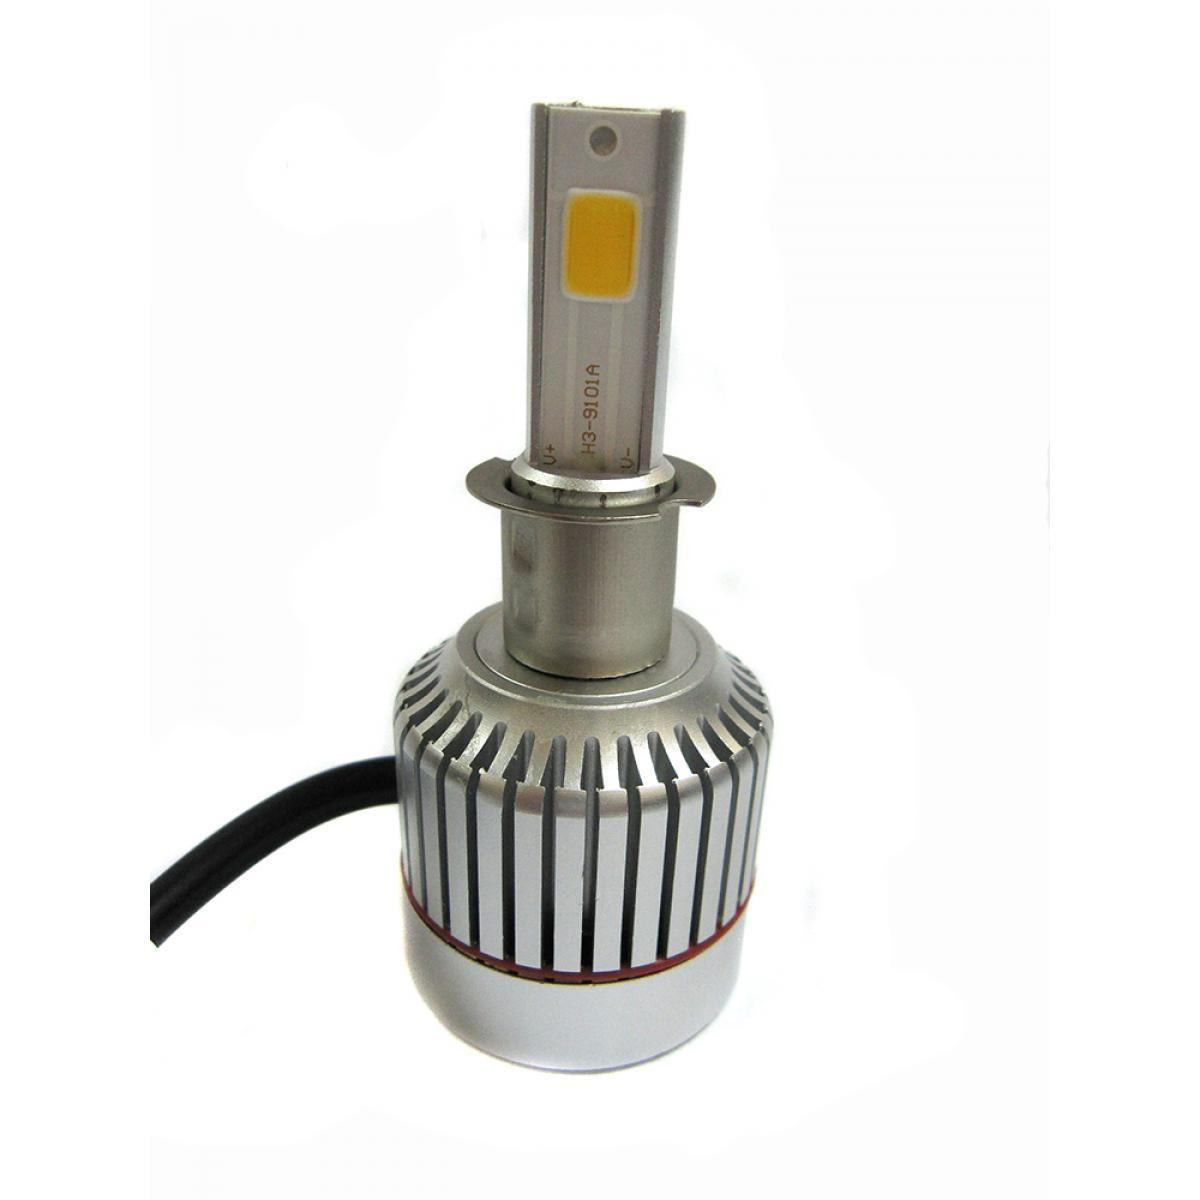 Cветодиодные LED COB лампы UKC H3 5000К 33W 12V (3sm_492800421)